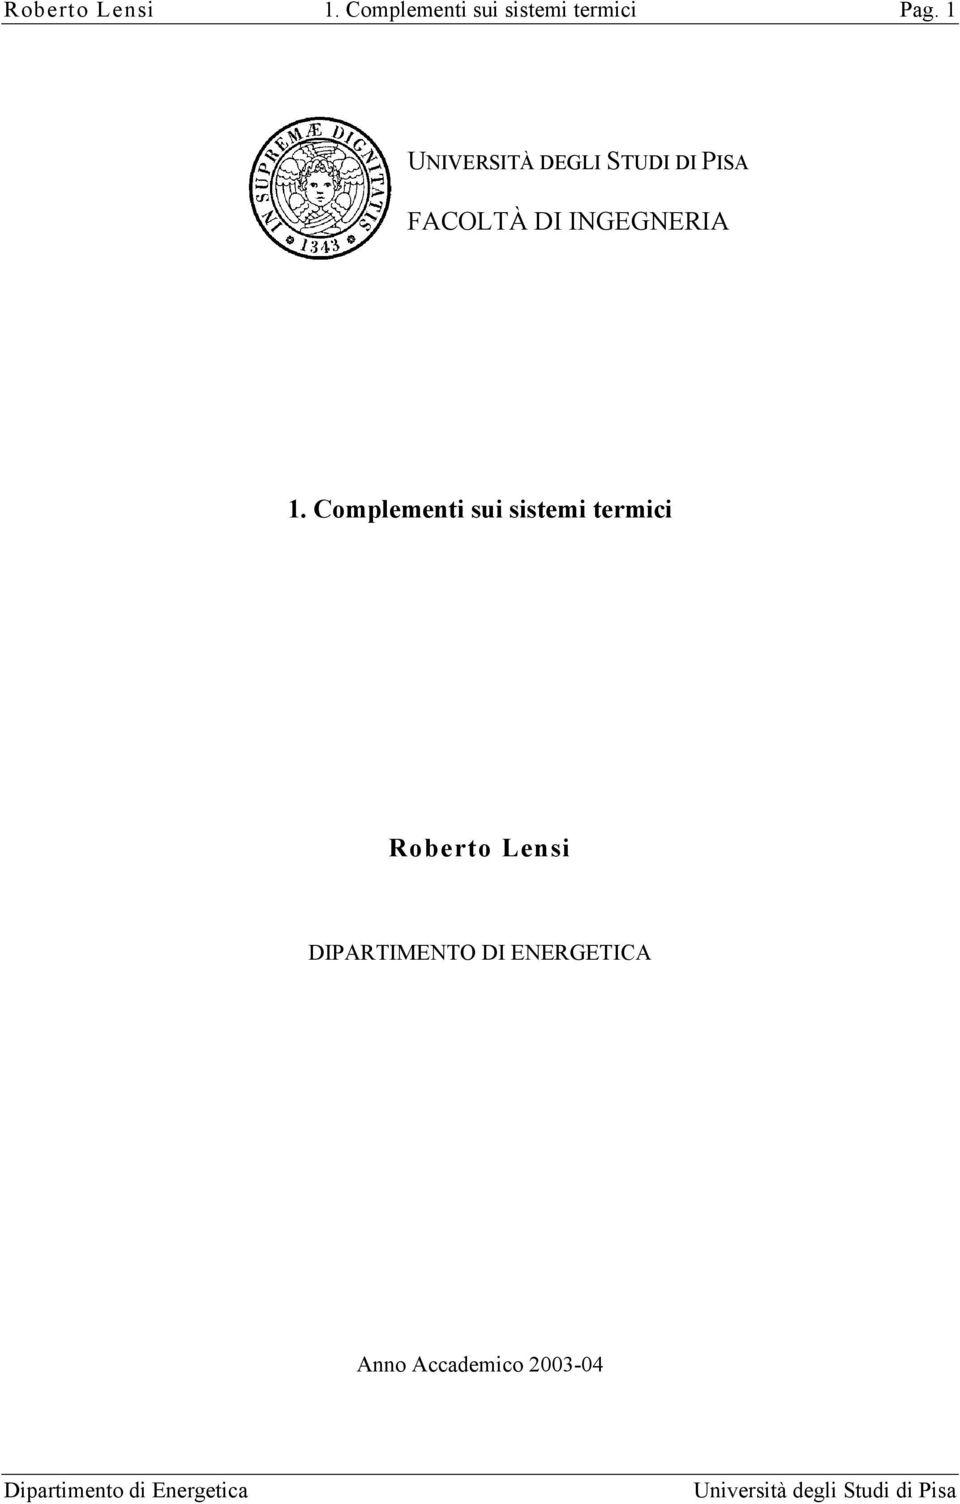 UNIVERSITÀ DEGLI STUDI DI PISA. 1. Complementi sui sistemi